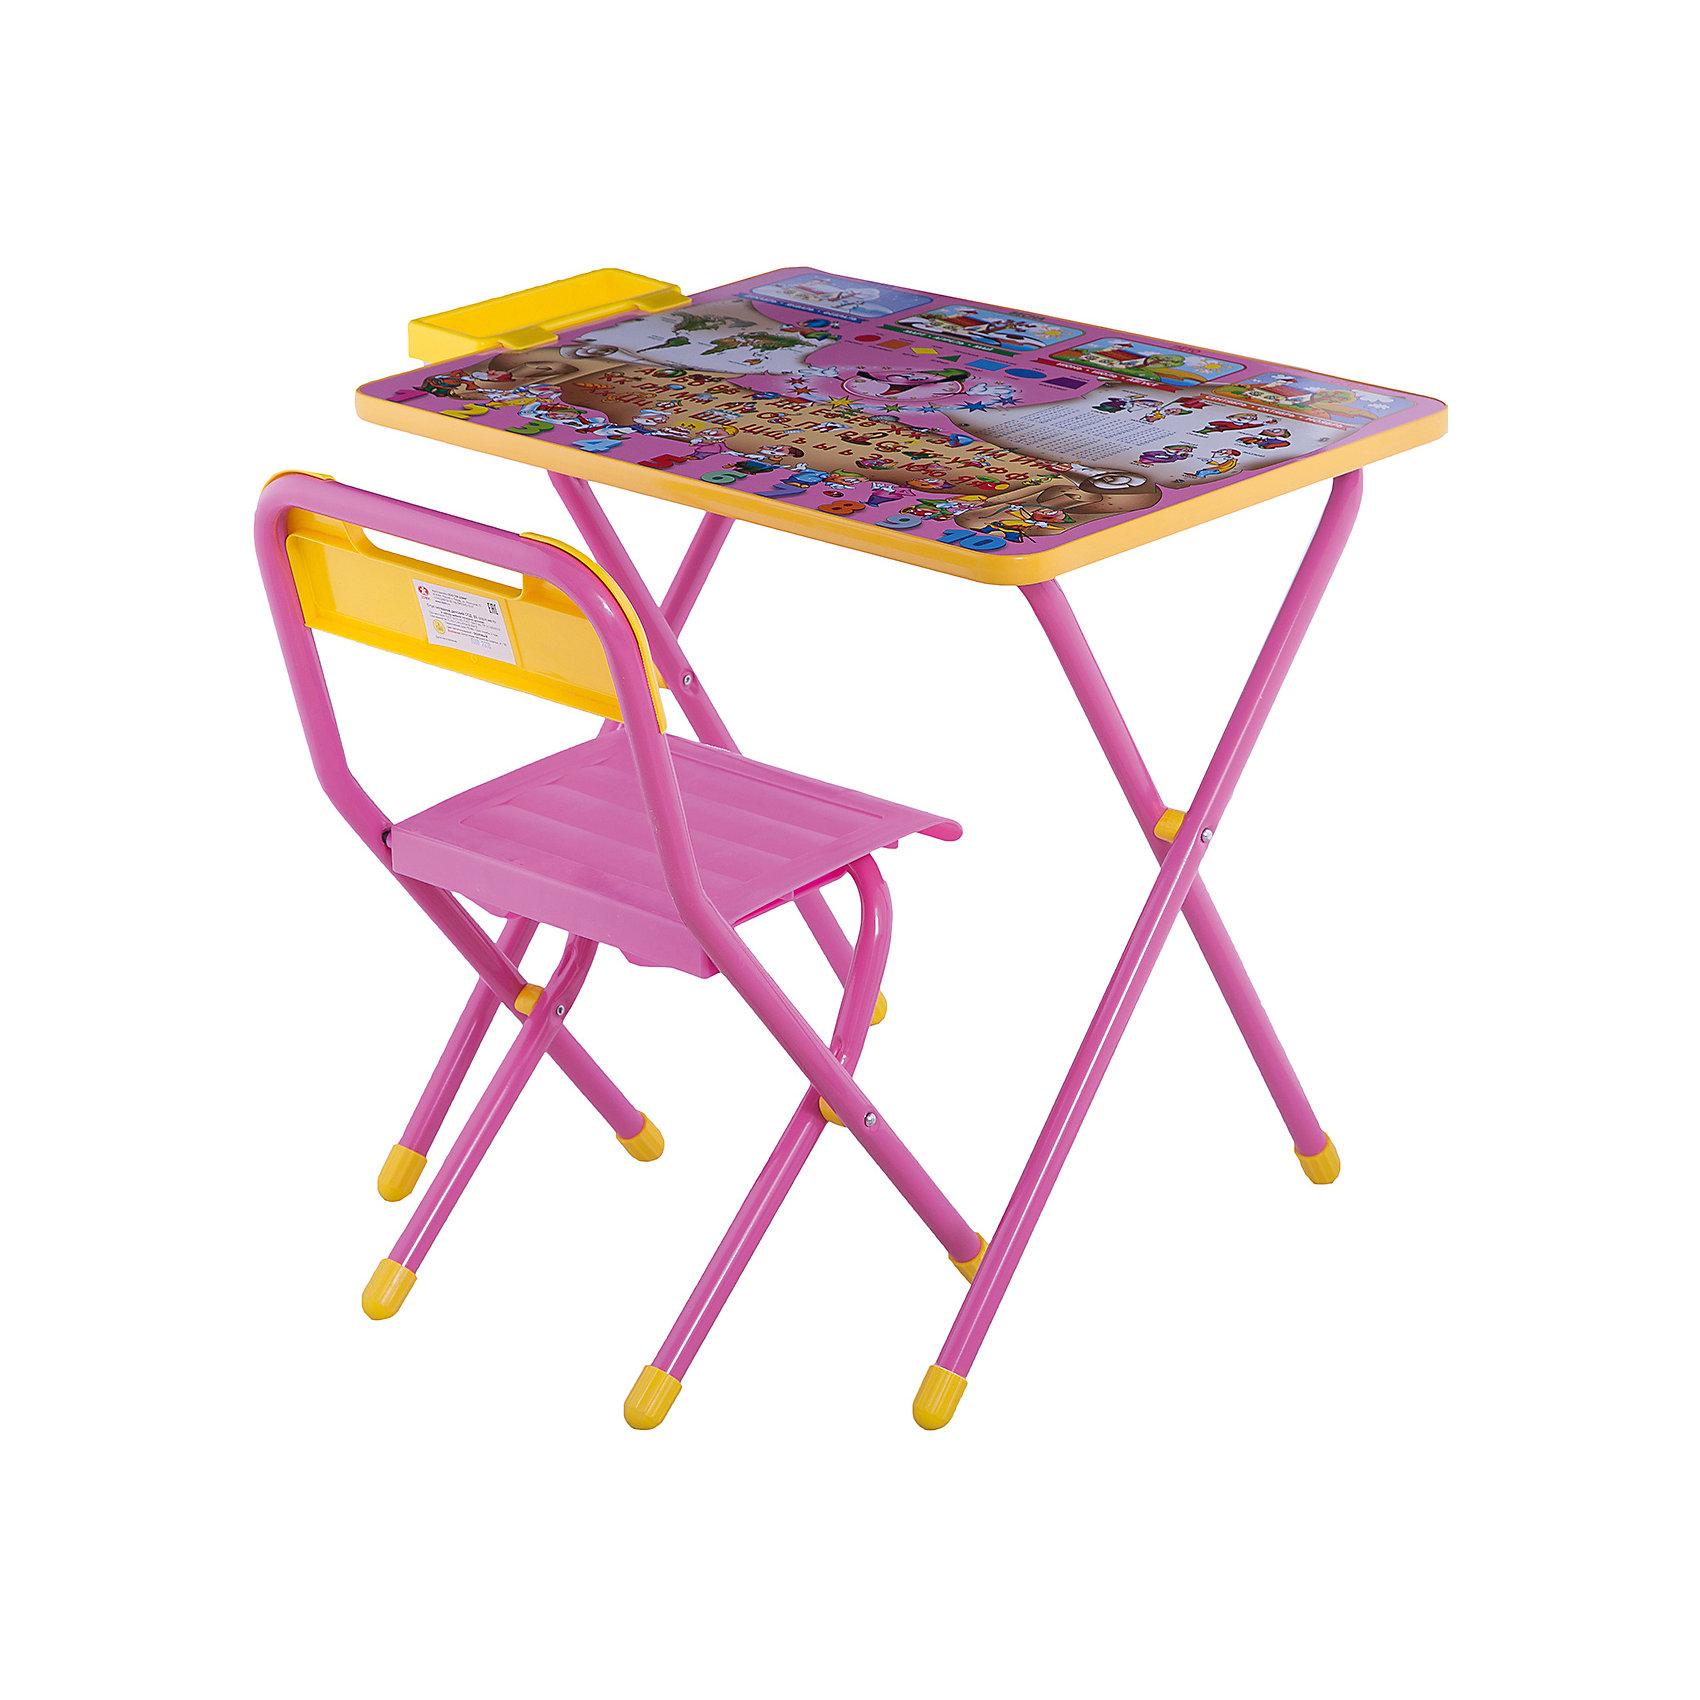 Набор детской складной мебели Веселые гномы, Дэми, розовыйМебель<br>Каждый ребенок нуждается в удобной, специальной мебели, чтобы его организм мог развиваться правильно. Такая мебель может быть еще и яркой, а также выполнять обучающую функцию.<br>Набор детской складной мебели Веселые гномы - это универсальный комплект необходимых предметов для малыша. Он состоит из стула и стола, выполненных в ярких цветах. Столешница позволяет разместить на ней все необходимые предметы: можно есть, играть или учиться! На ней расположены обучающие рисунки, также прикреплен специальный пенал для канцелярии. Разработан в соответствии с рекомендациями врачей-ортопедов. Сделан из безопасных для ребенка материалов.<br><br><br>Дополнительная информация:<br><br>цвет: розовый;<br>материал: металл, пластик;<br>просторная столешница;<br>оригинальный яркий дизайн;<br>обучающие изображения на столешнице;<br>легко моется;<br>соответствует рекомендациям ортопедов;<br>боковой пенал для канцелярии;<br>для детей ростом от 130 до 145 см;<br>размер столешницы: 45 х 60 см;<br>высота столешницы: 58 см;<br>высота стула: 34 см;<br>сиденье: 26х28 см;<br>спинка: 12х34 см;<br>максимальная нагрузка: 40 кг.<br><br>Набор детской складной мебели Веселые гномы можно купить в нашем магазине.<br><br>Ширина мм: 77<br>Глубина мм: 73<br>Высота мм: 15<br>Вес г: 8500<br>Возраст от месяцев: 48<br>Возраст до месяцев: 96<br>Пол: Унисекс<br>Возраст: Детский<br>SKU: 4693953